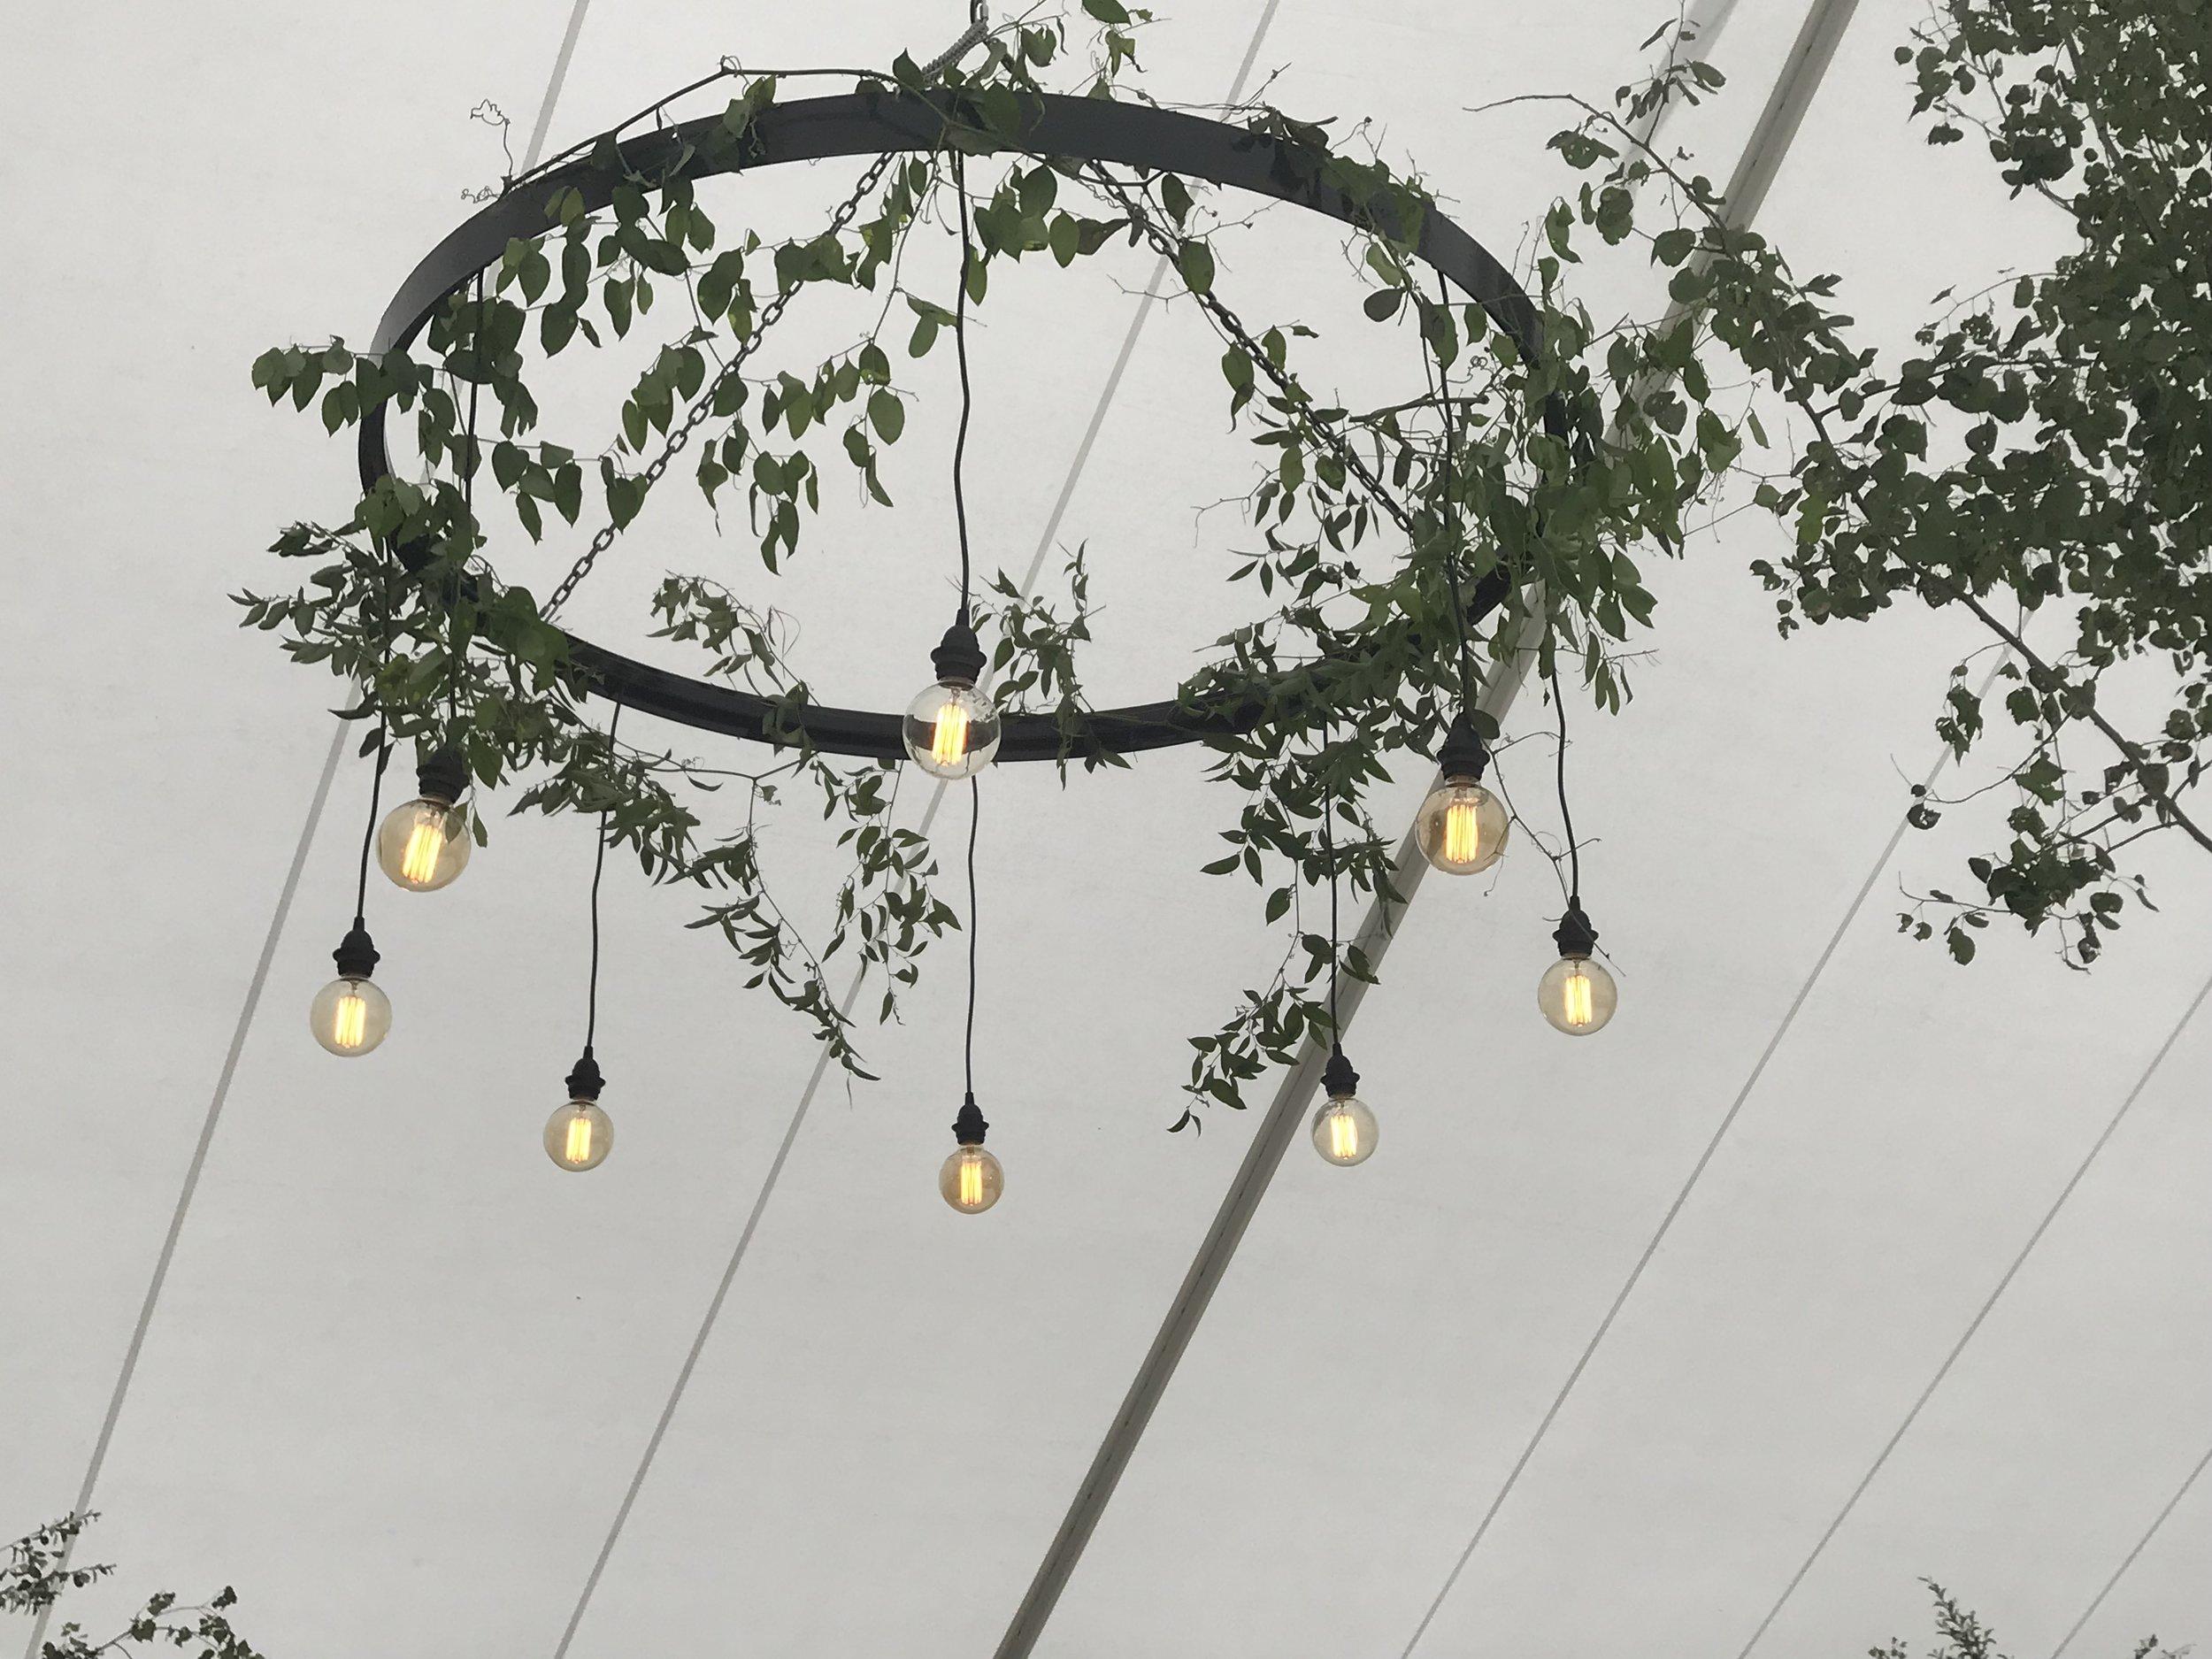 tent-lighting 5 hoops